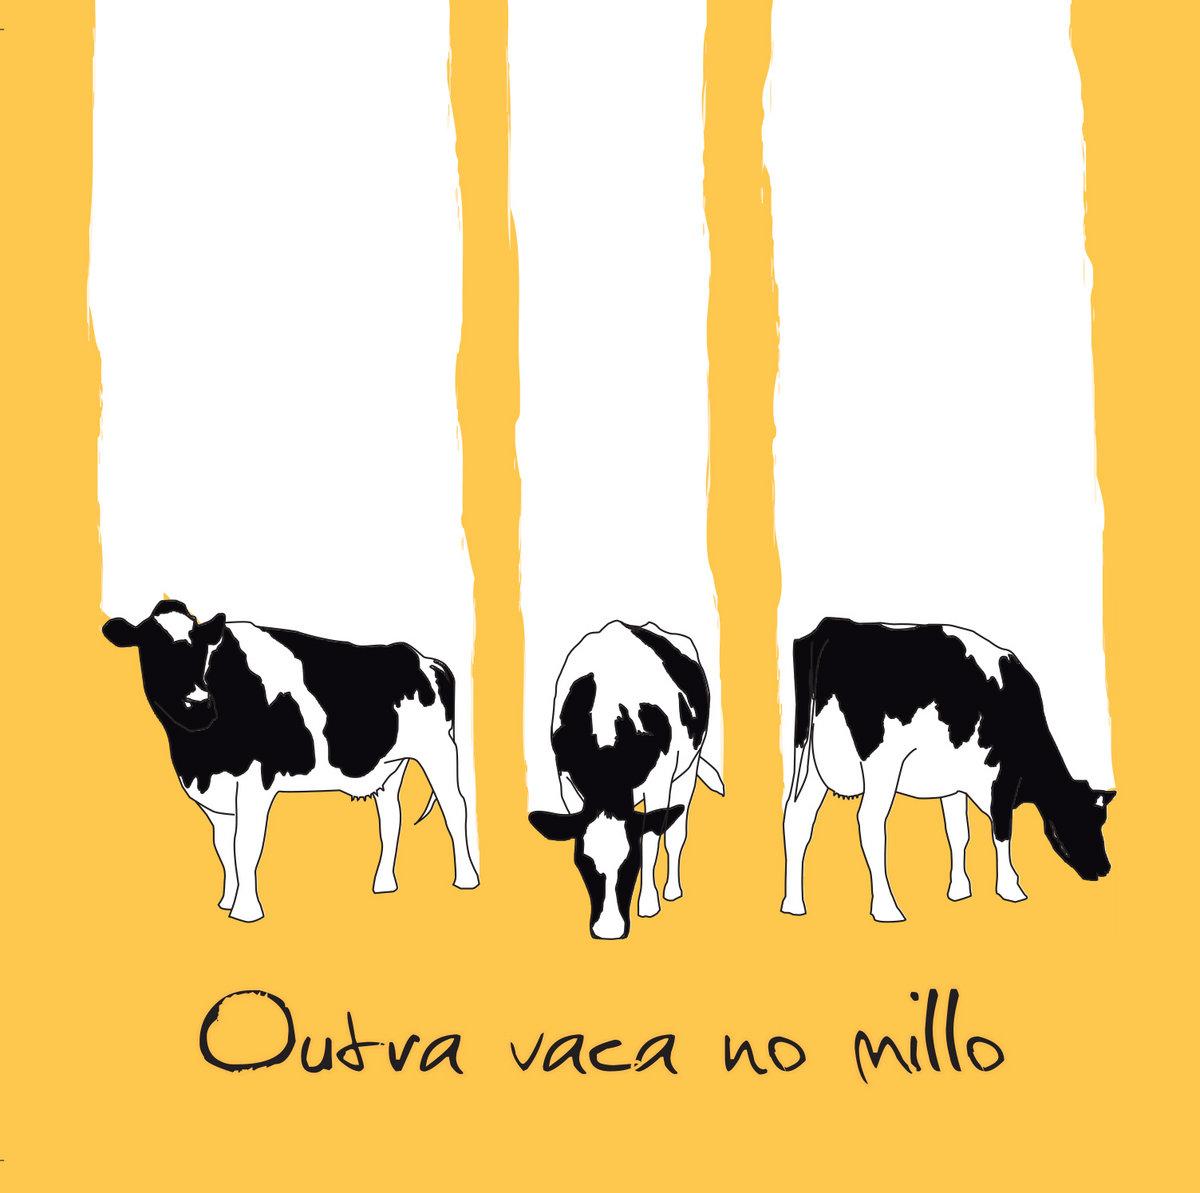 Resultado de imaxes para Outra vaca no millo